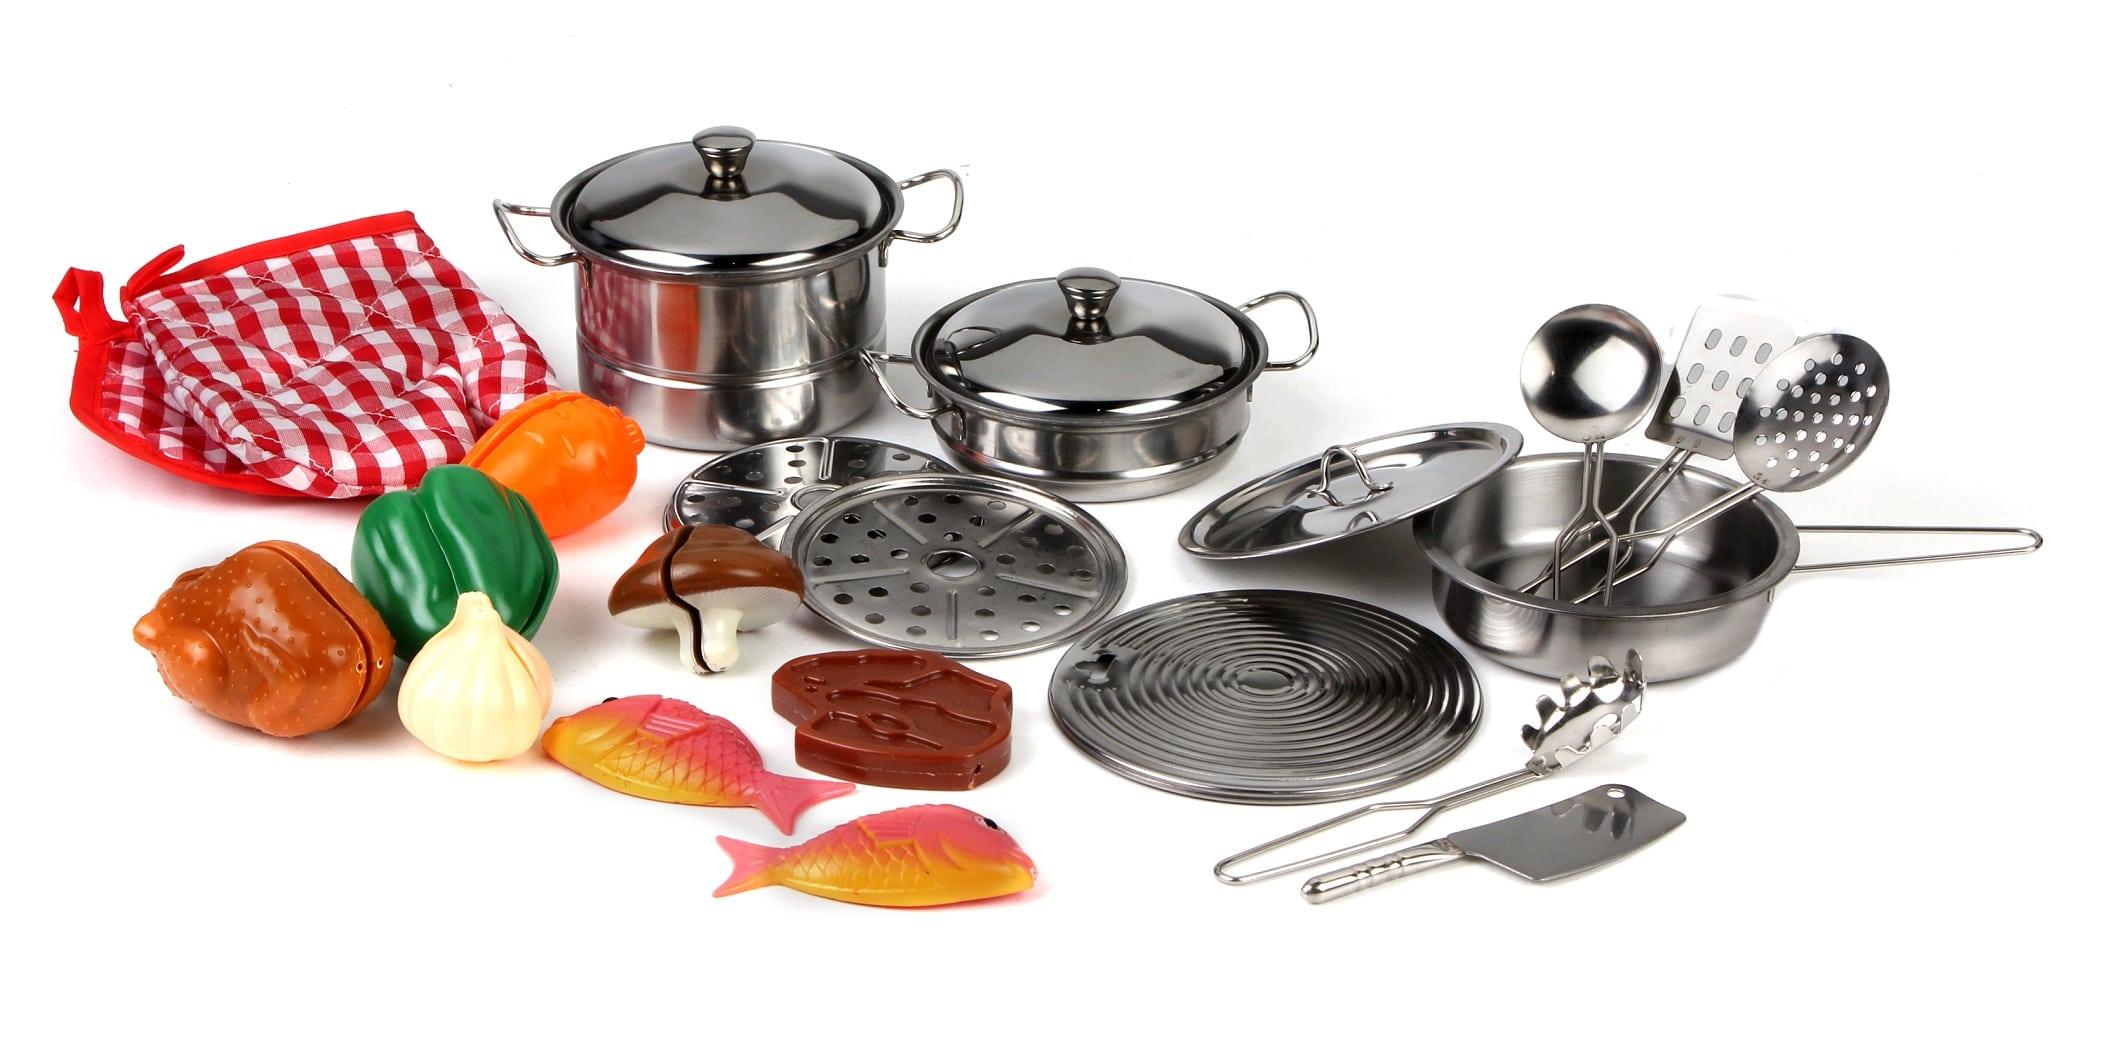 ecba6d41a9 Set Cucina Giocattoli Per Bambini In Metallo 23pz Con Pentole ...